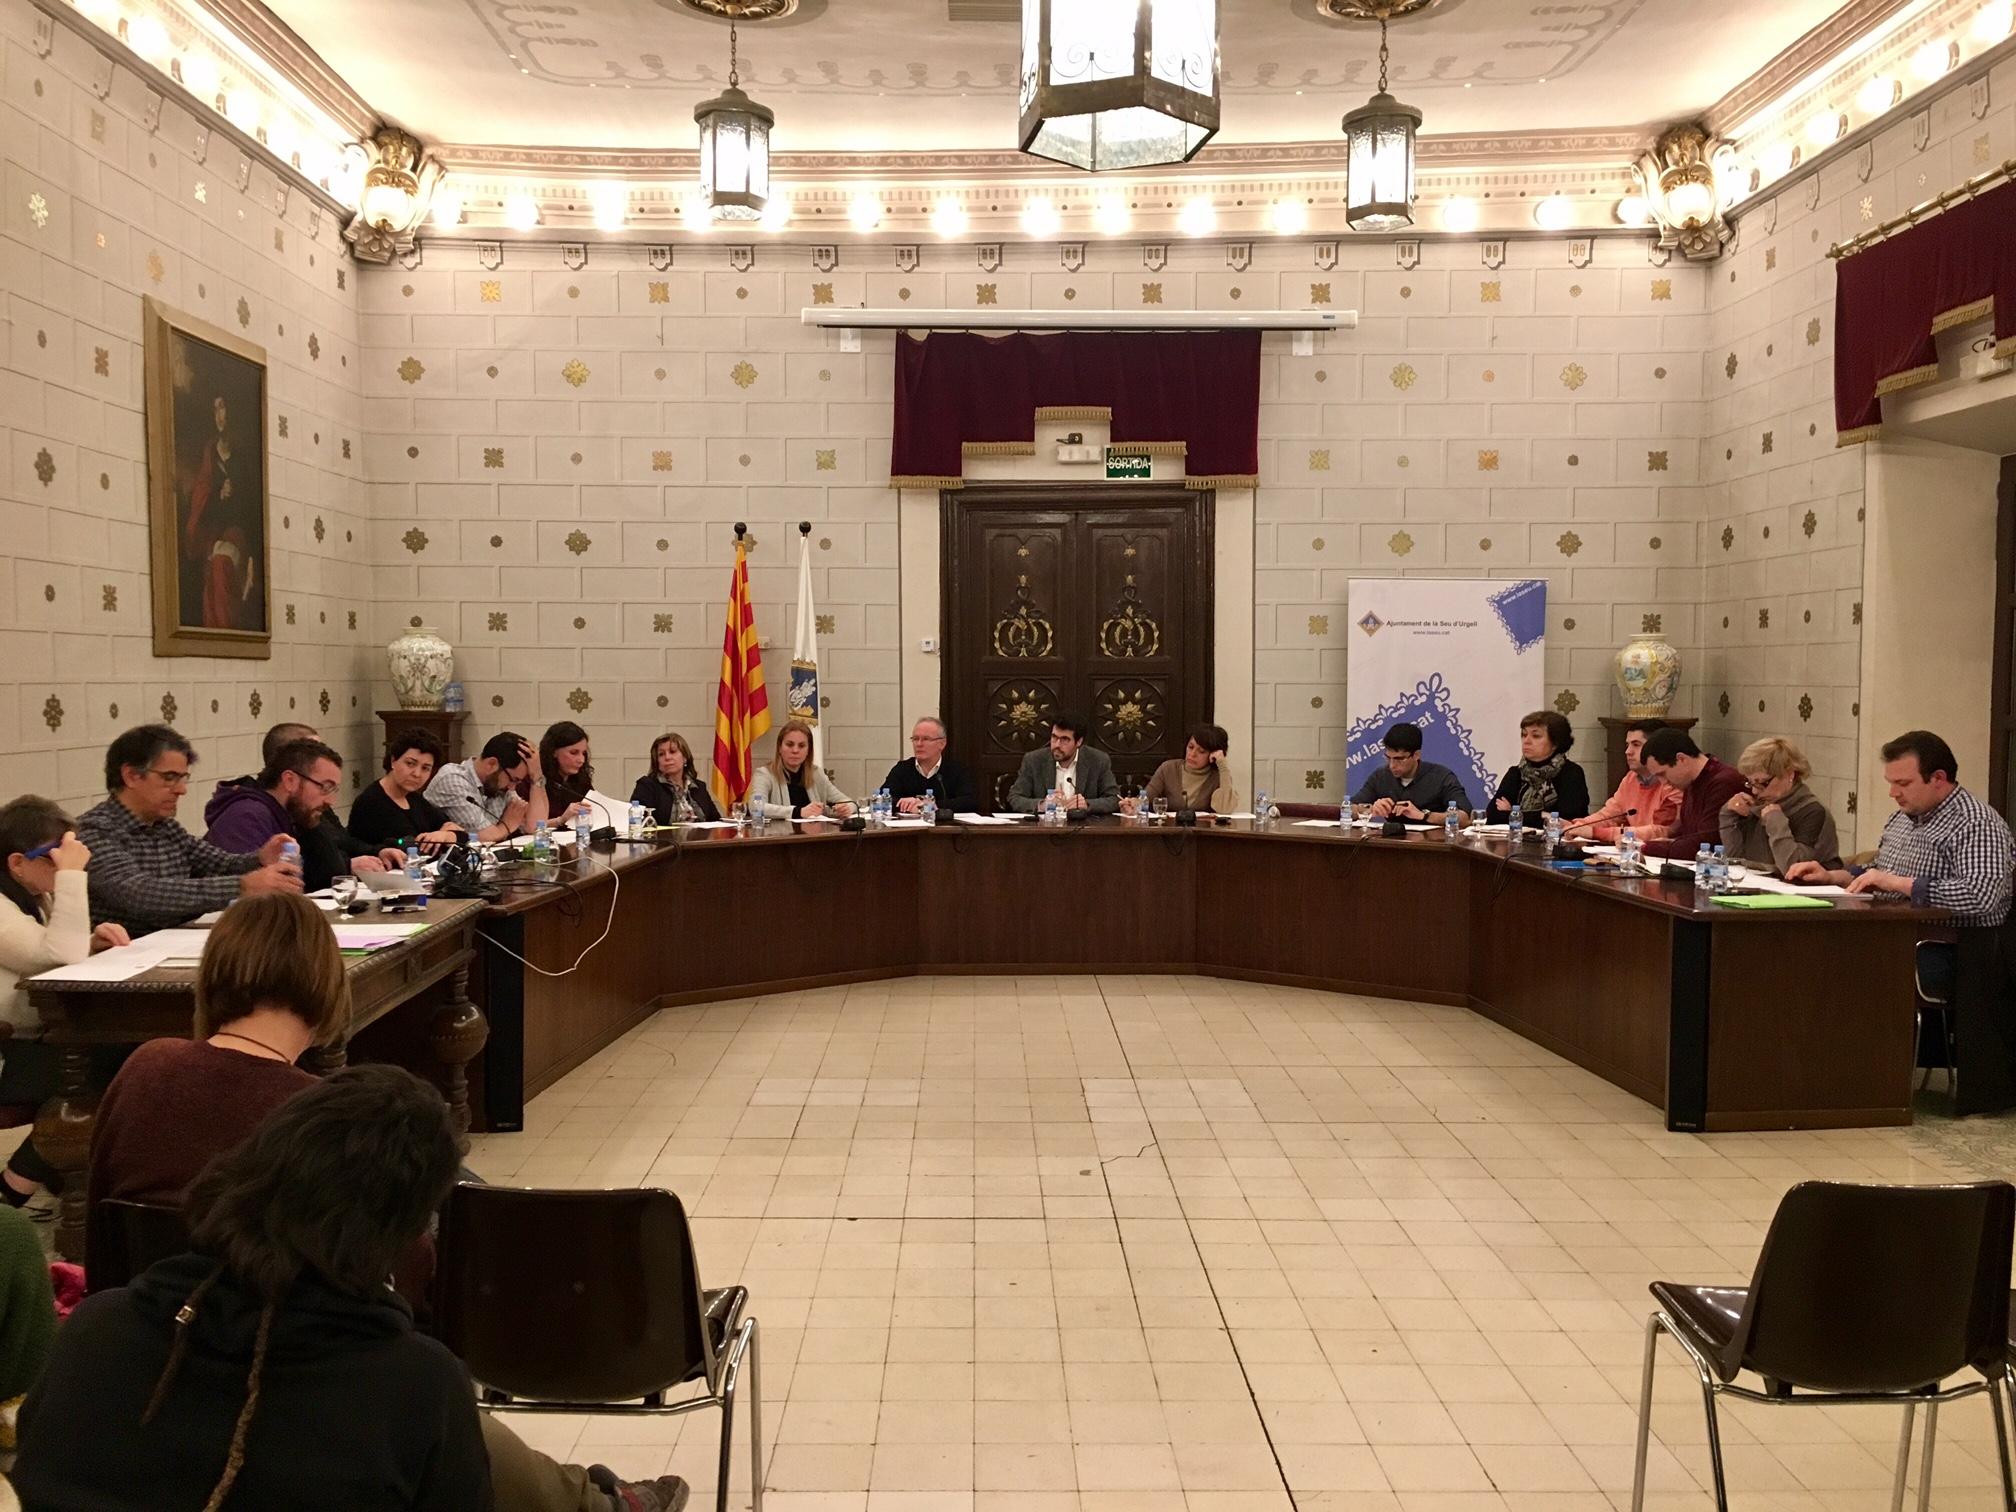 Batalla dóna el vistiplau al Pressupost sense l'informe de la Intervenció municipal